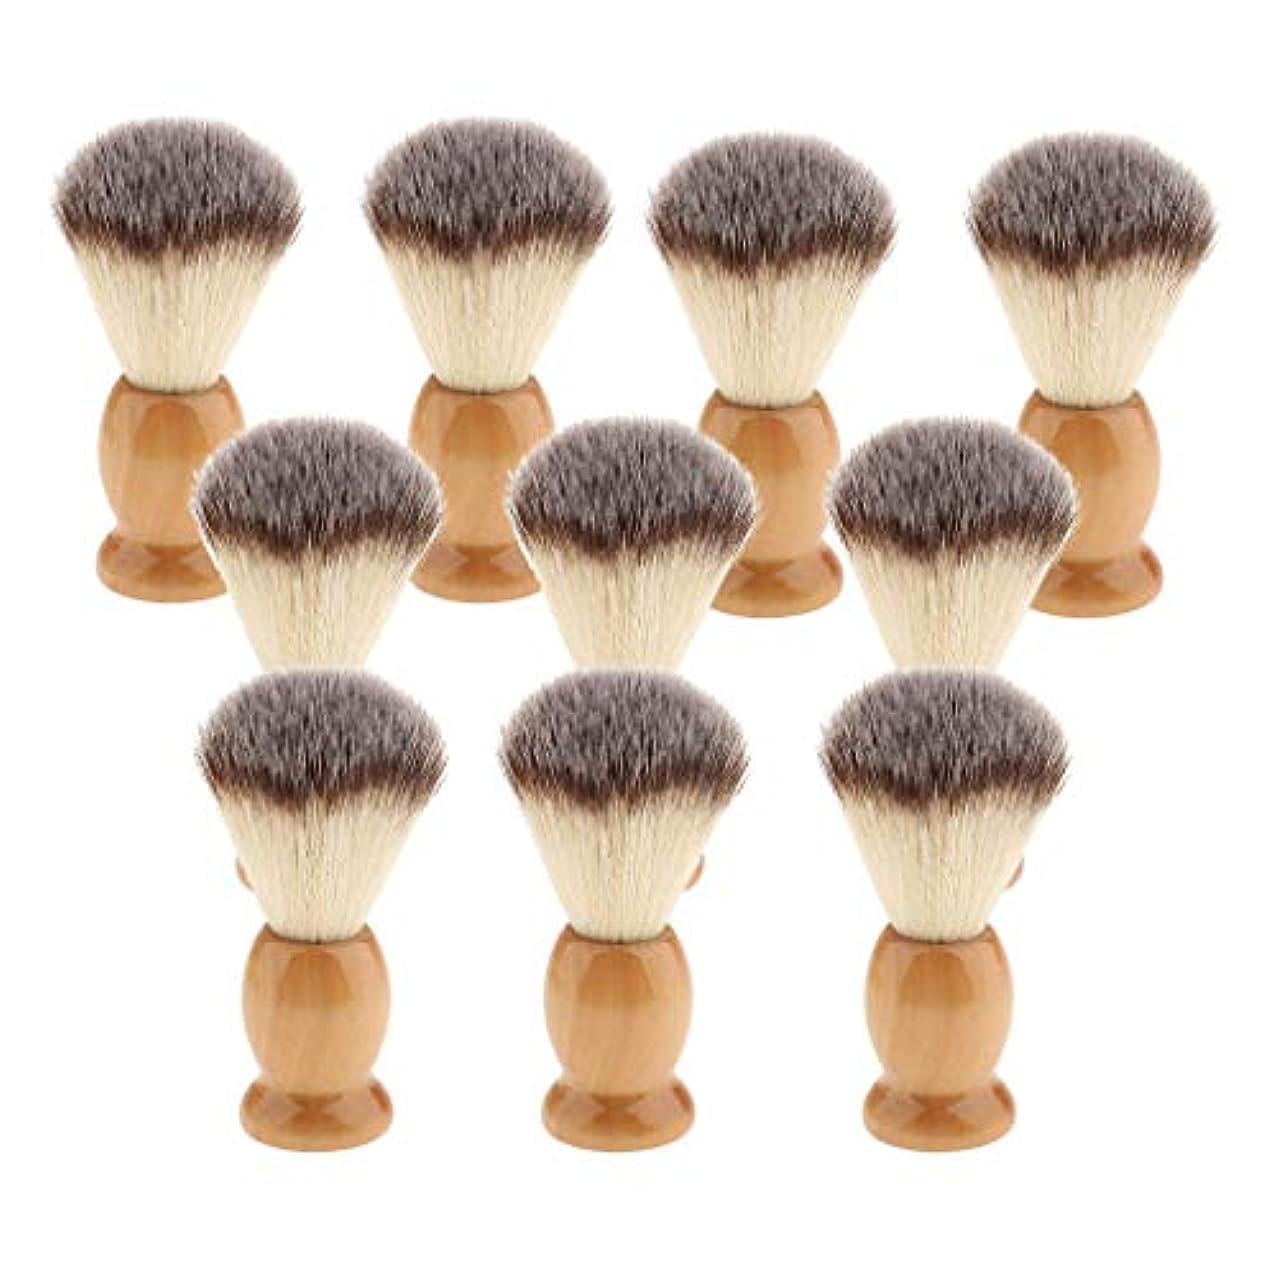 熟すうねるうそつき10個 シェービングブラシ 男性 ひげ 口ひげ グルーミング シェービングツール 髭剃り